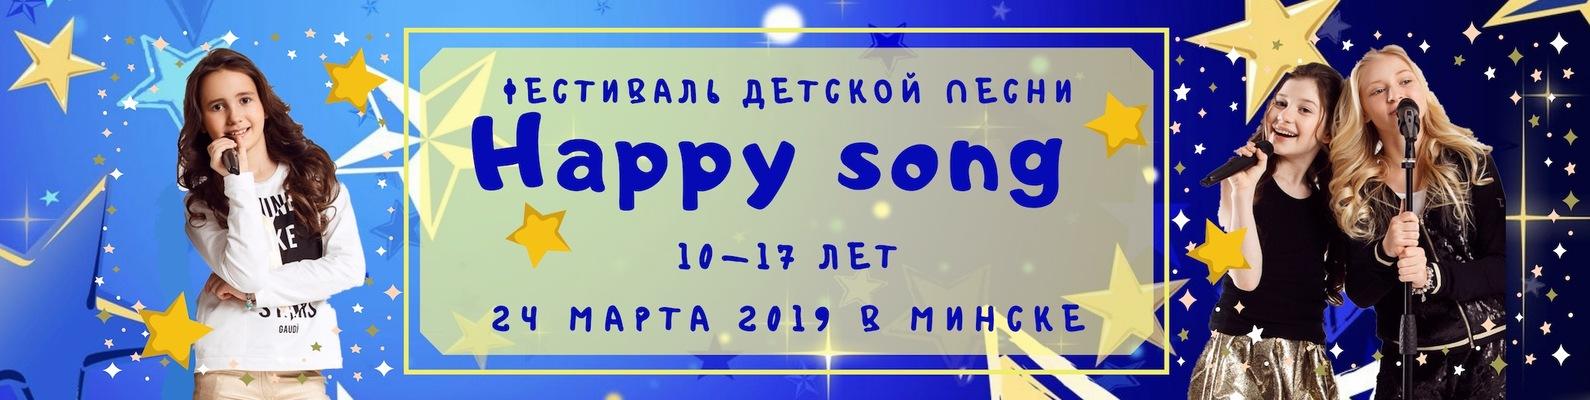 Фестиваль детской песни Happy song teenager   ВКонтакте